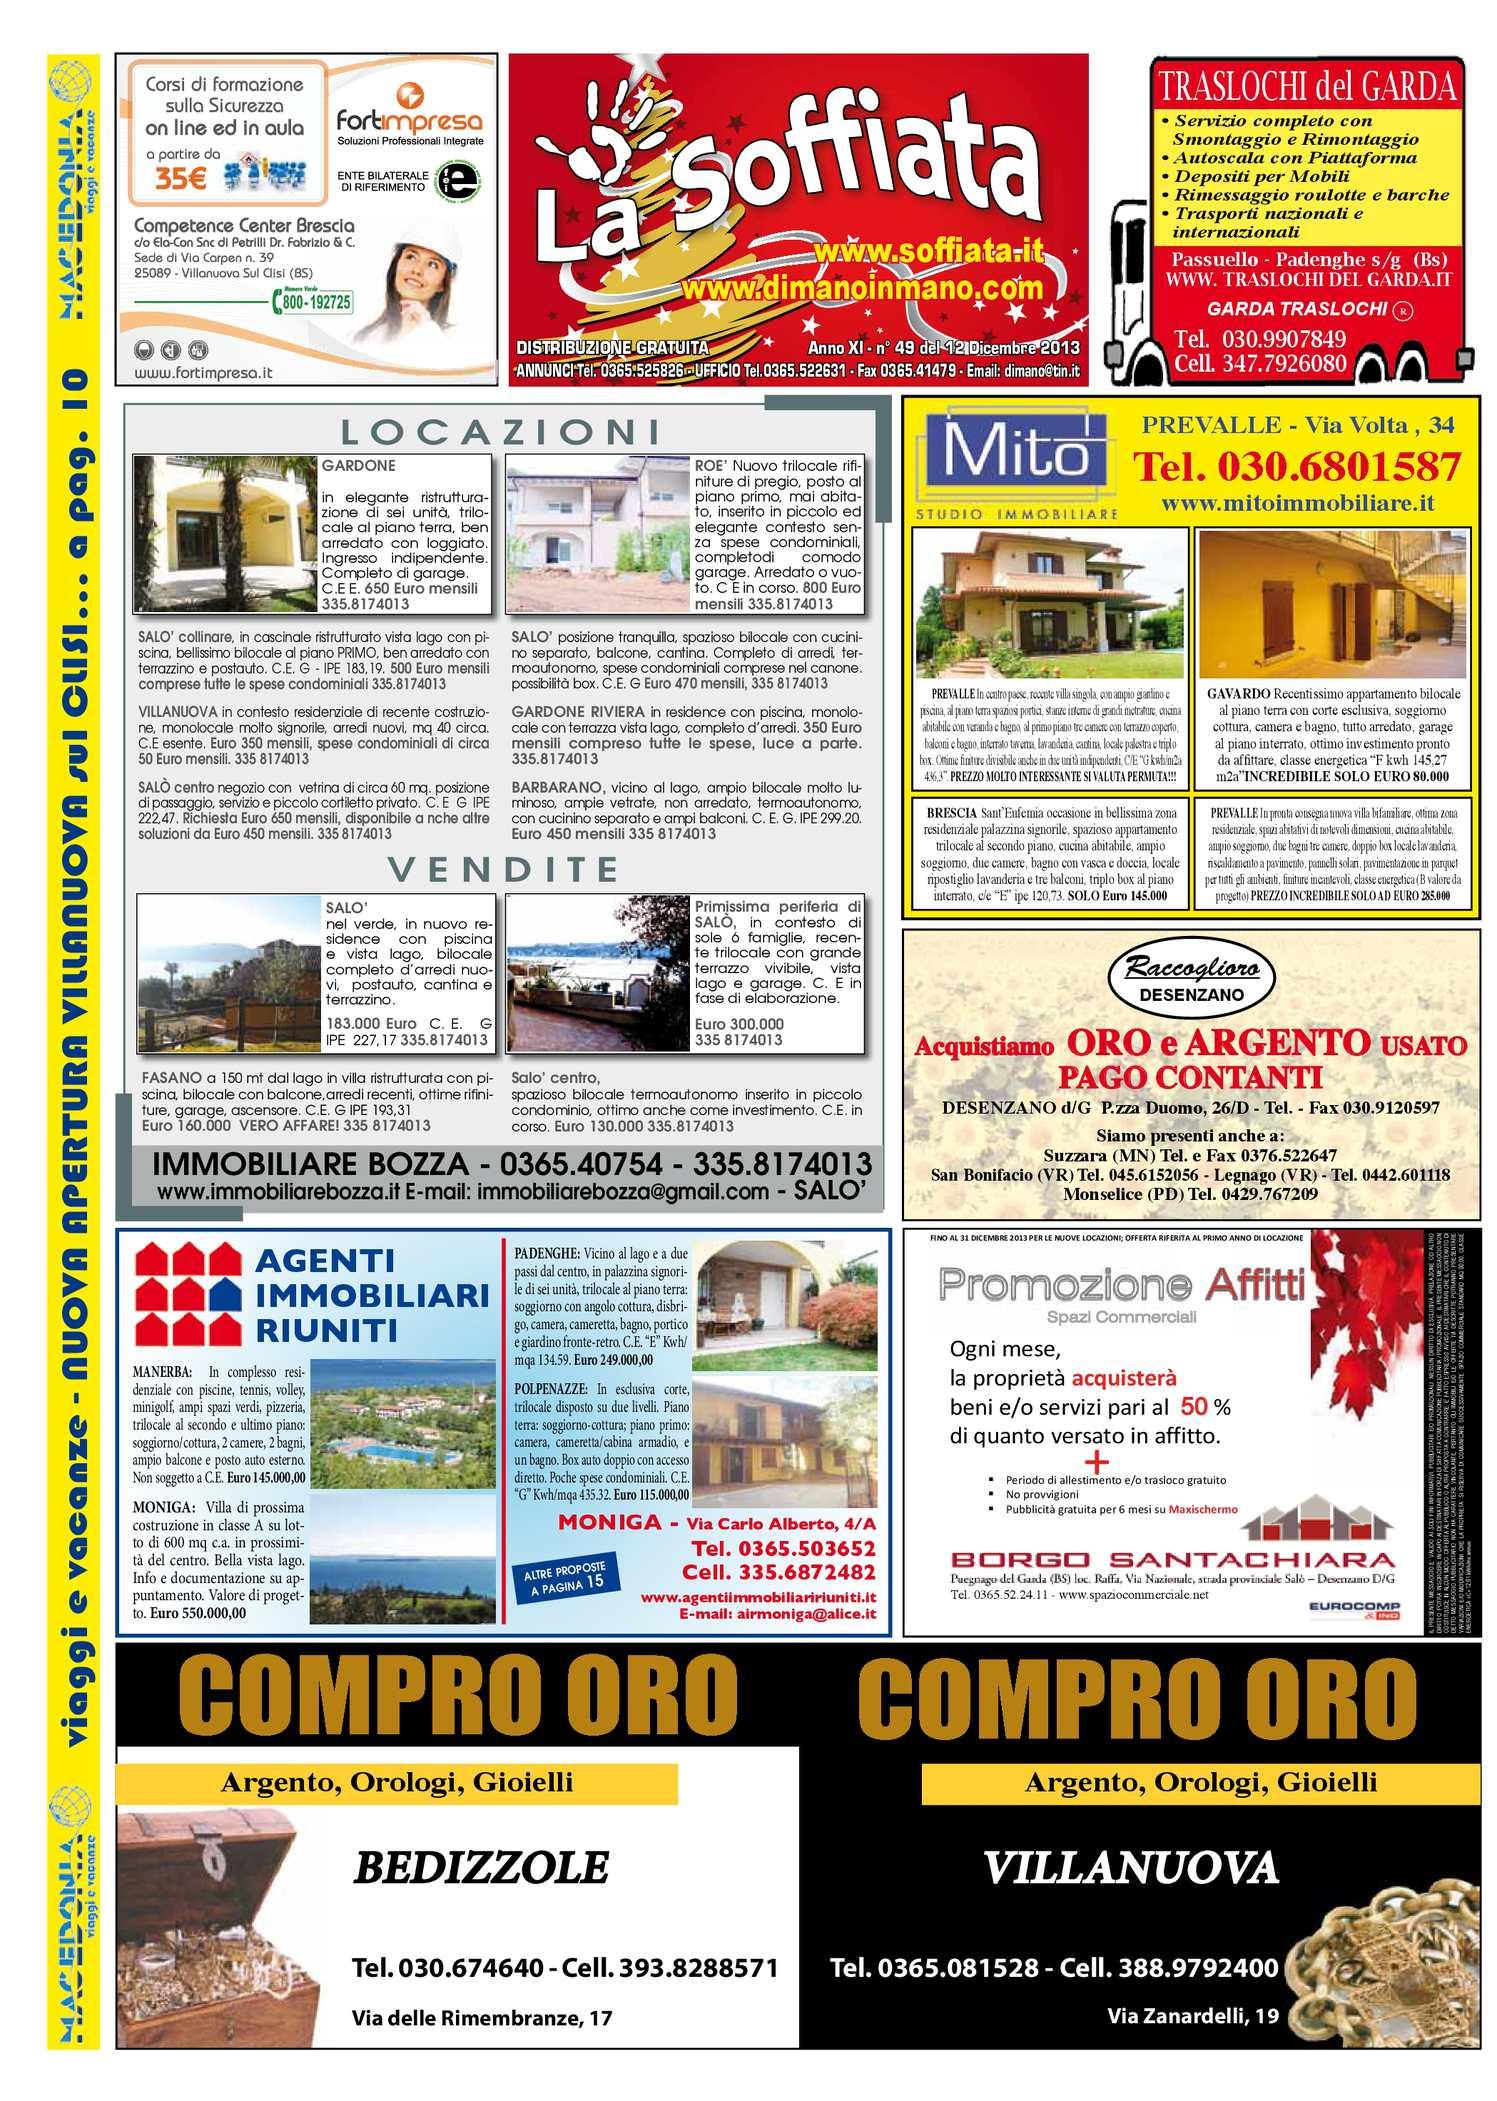 calaméo - la soffiata 12-12-2013 - Bel Divano In Pelle Posteriore Con Sedili Imbottiti Armi